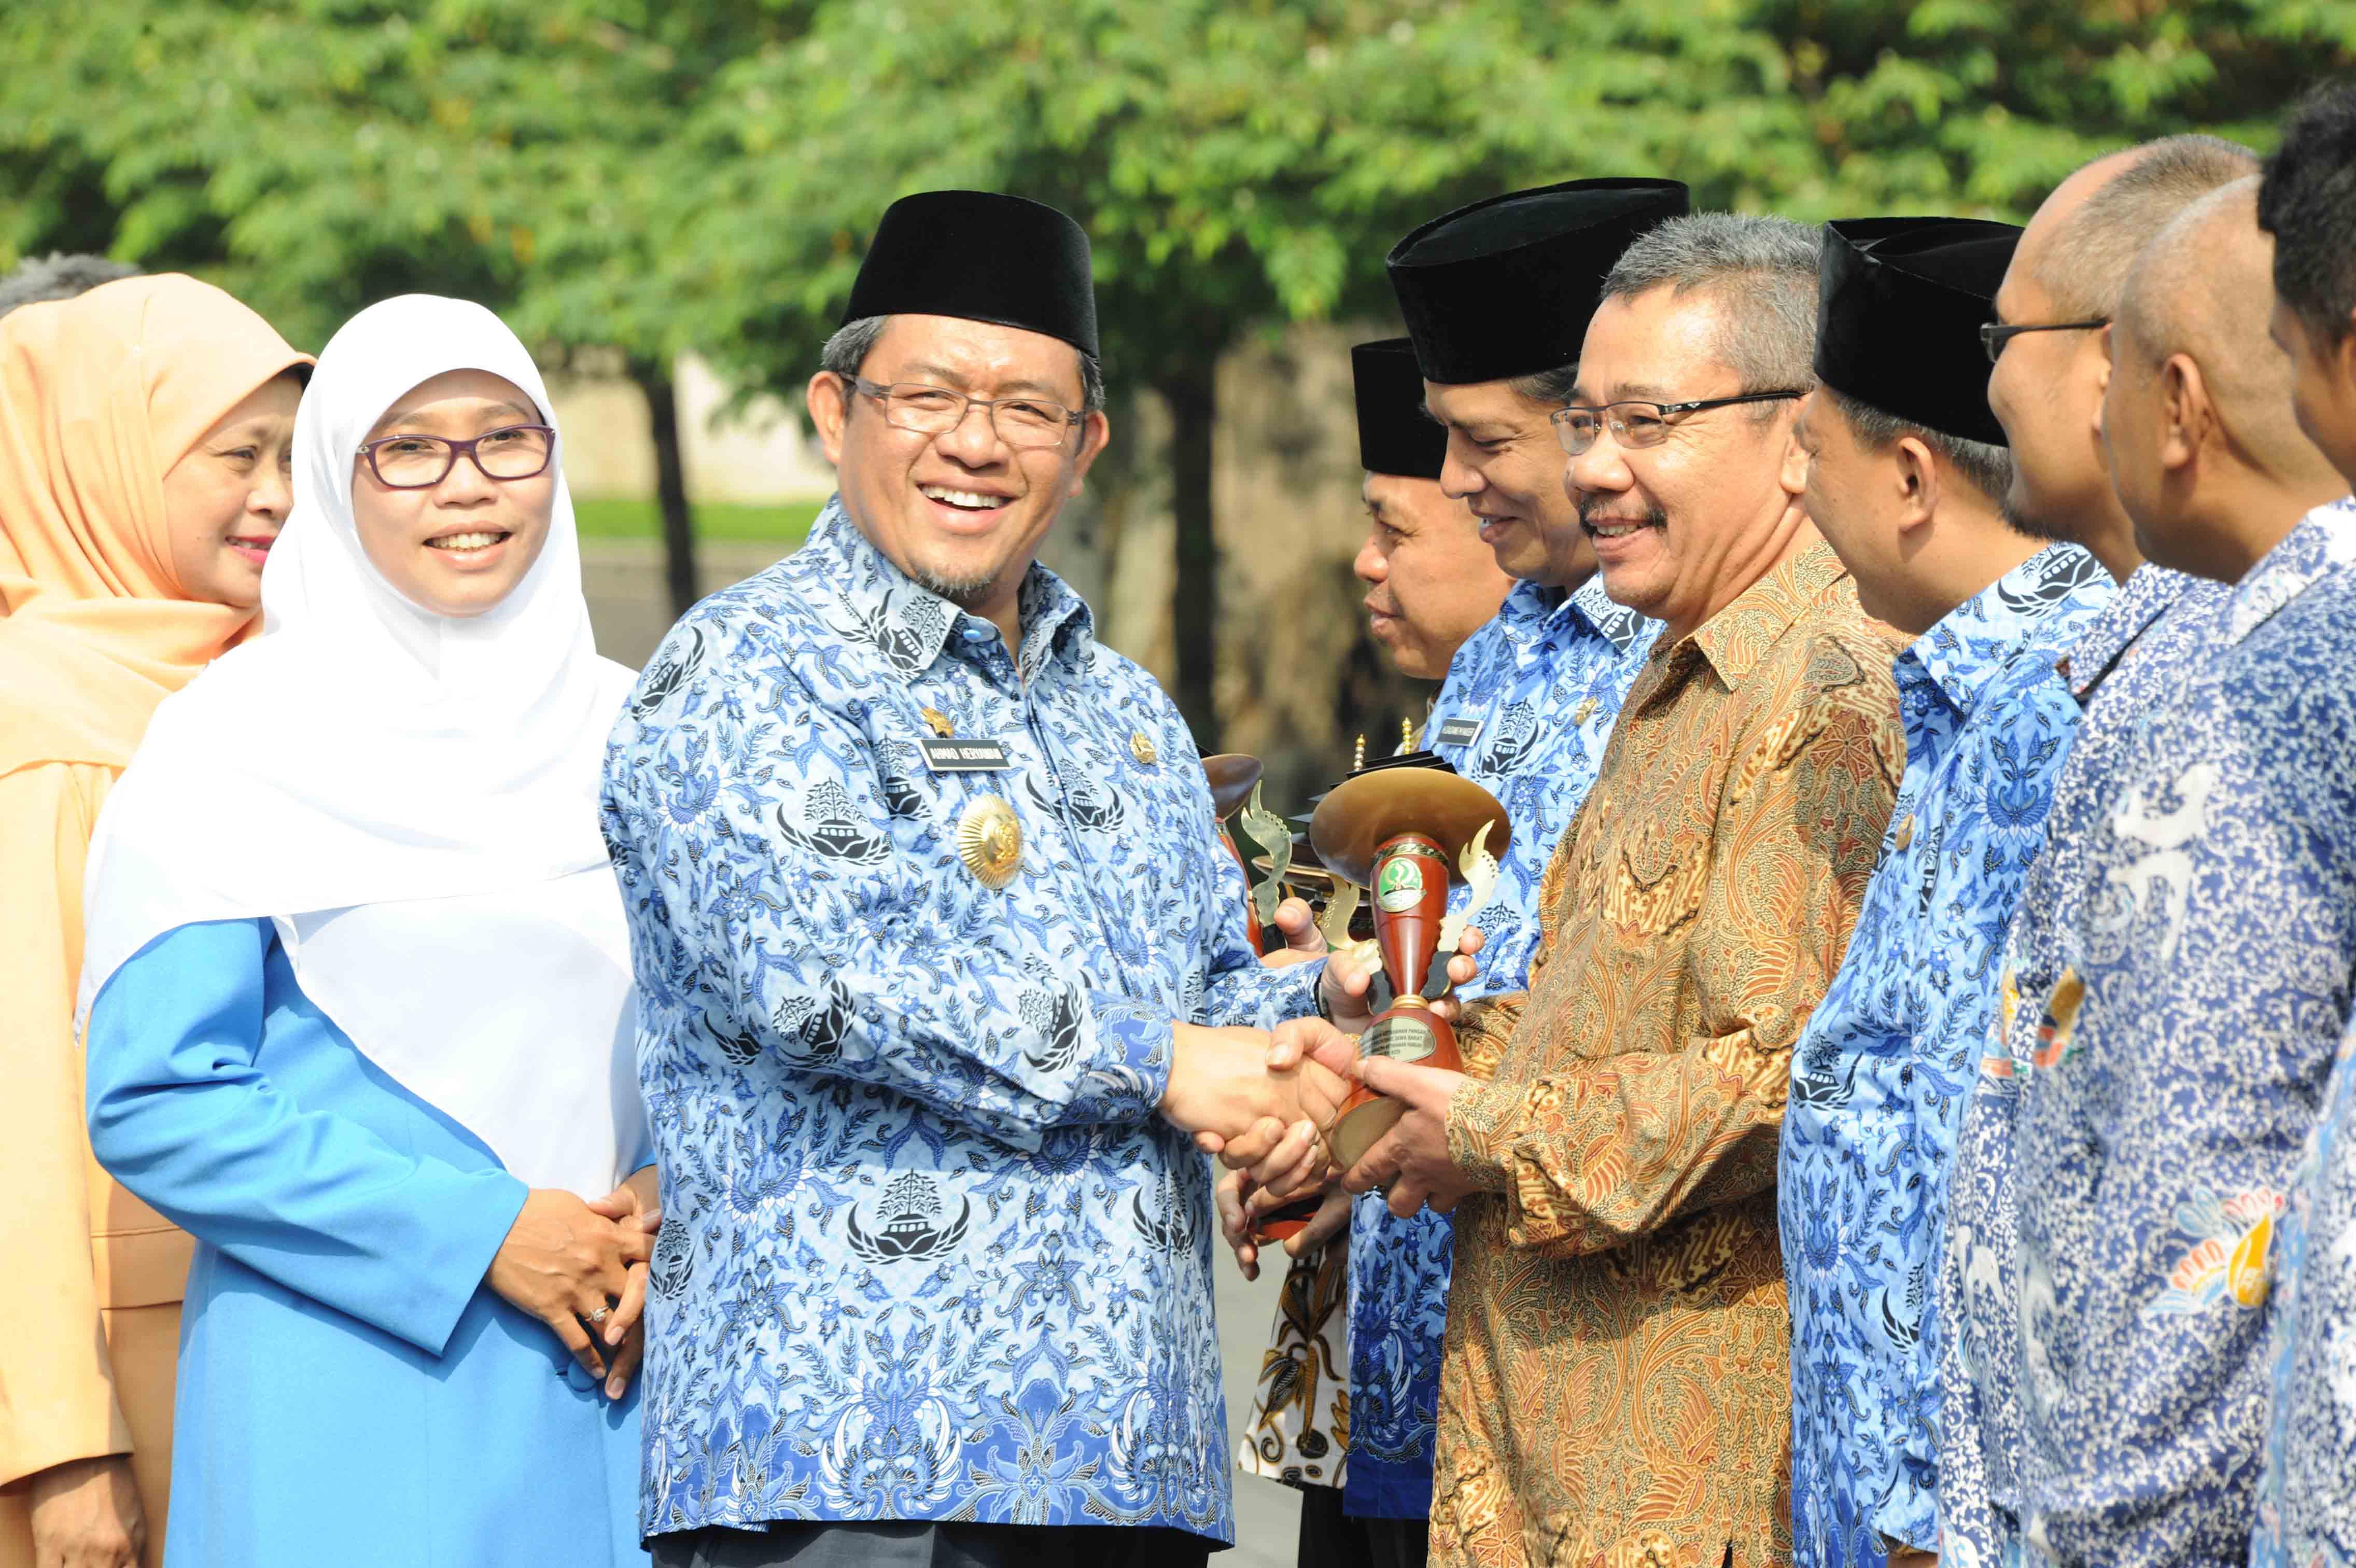 Gubernur Jawa Barat Ahmad Heryawan menyerahkan penghargaaan